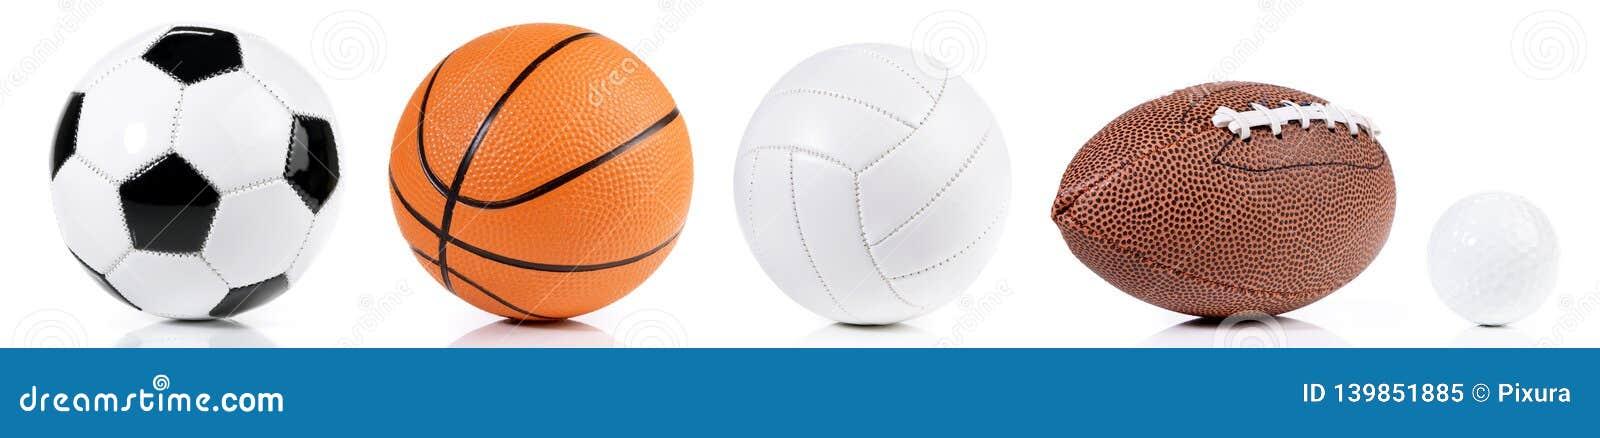 Различные шарики - панорама спорта